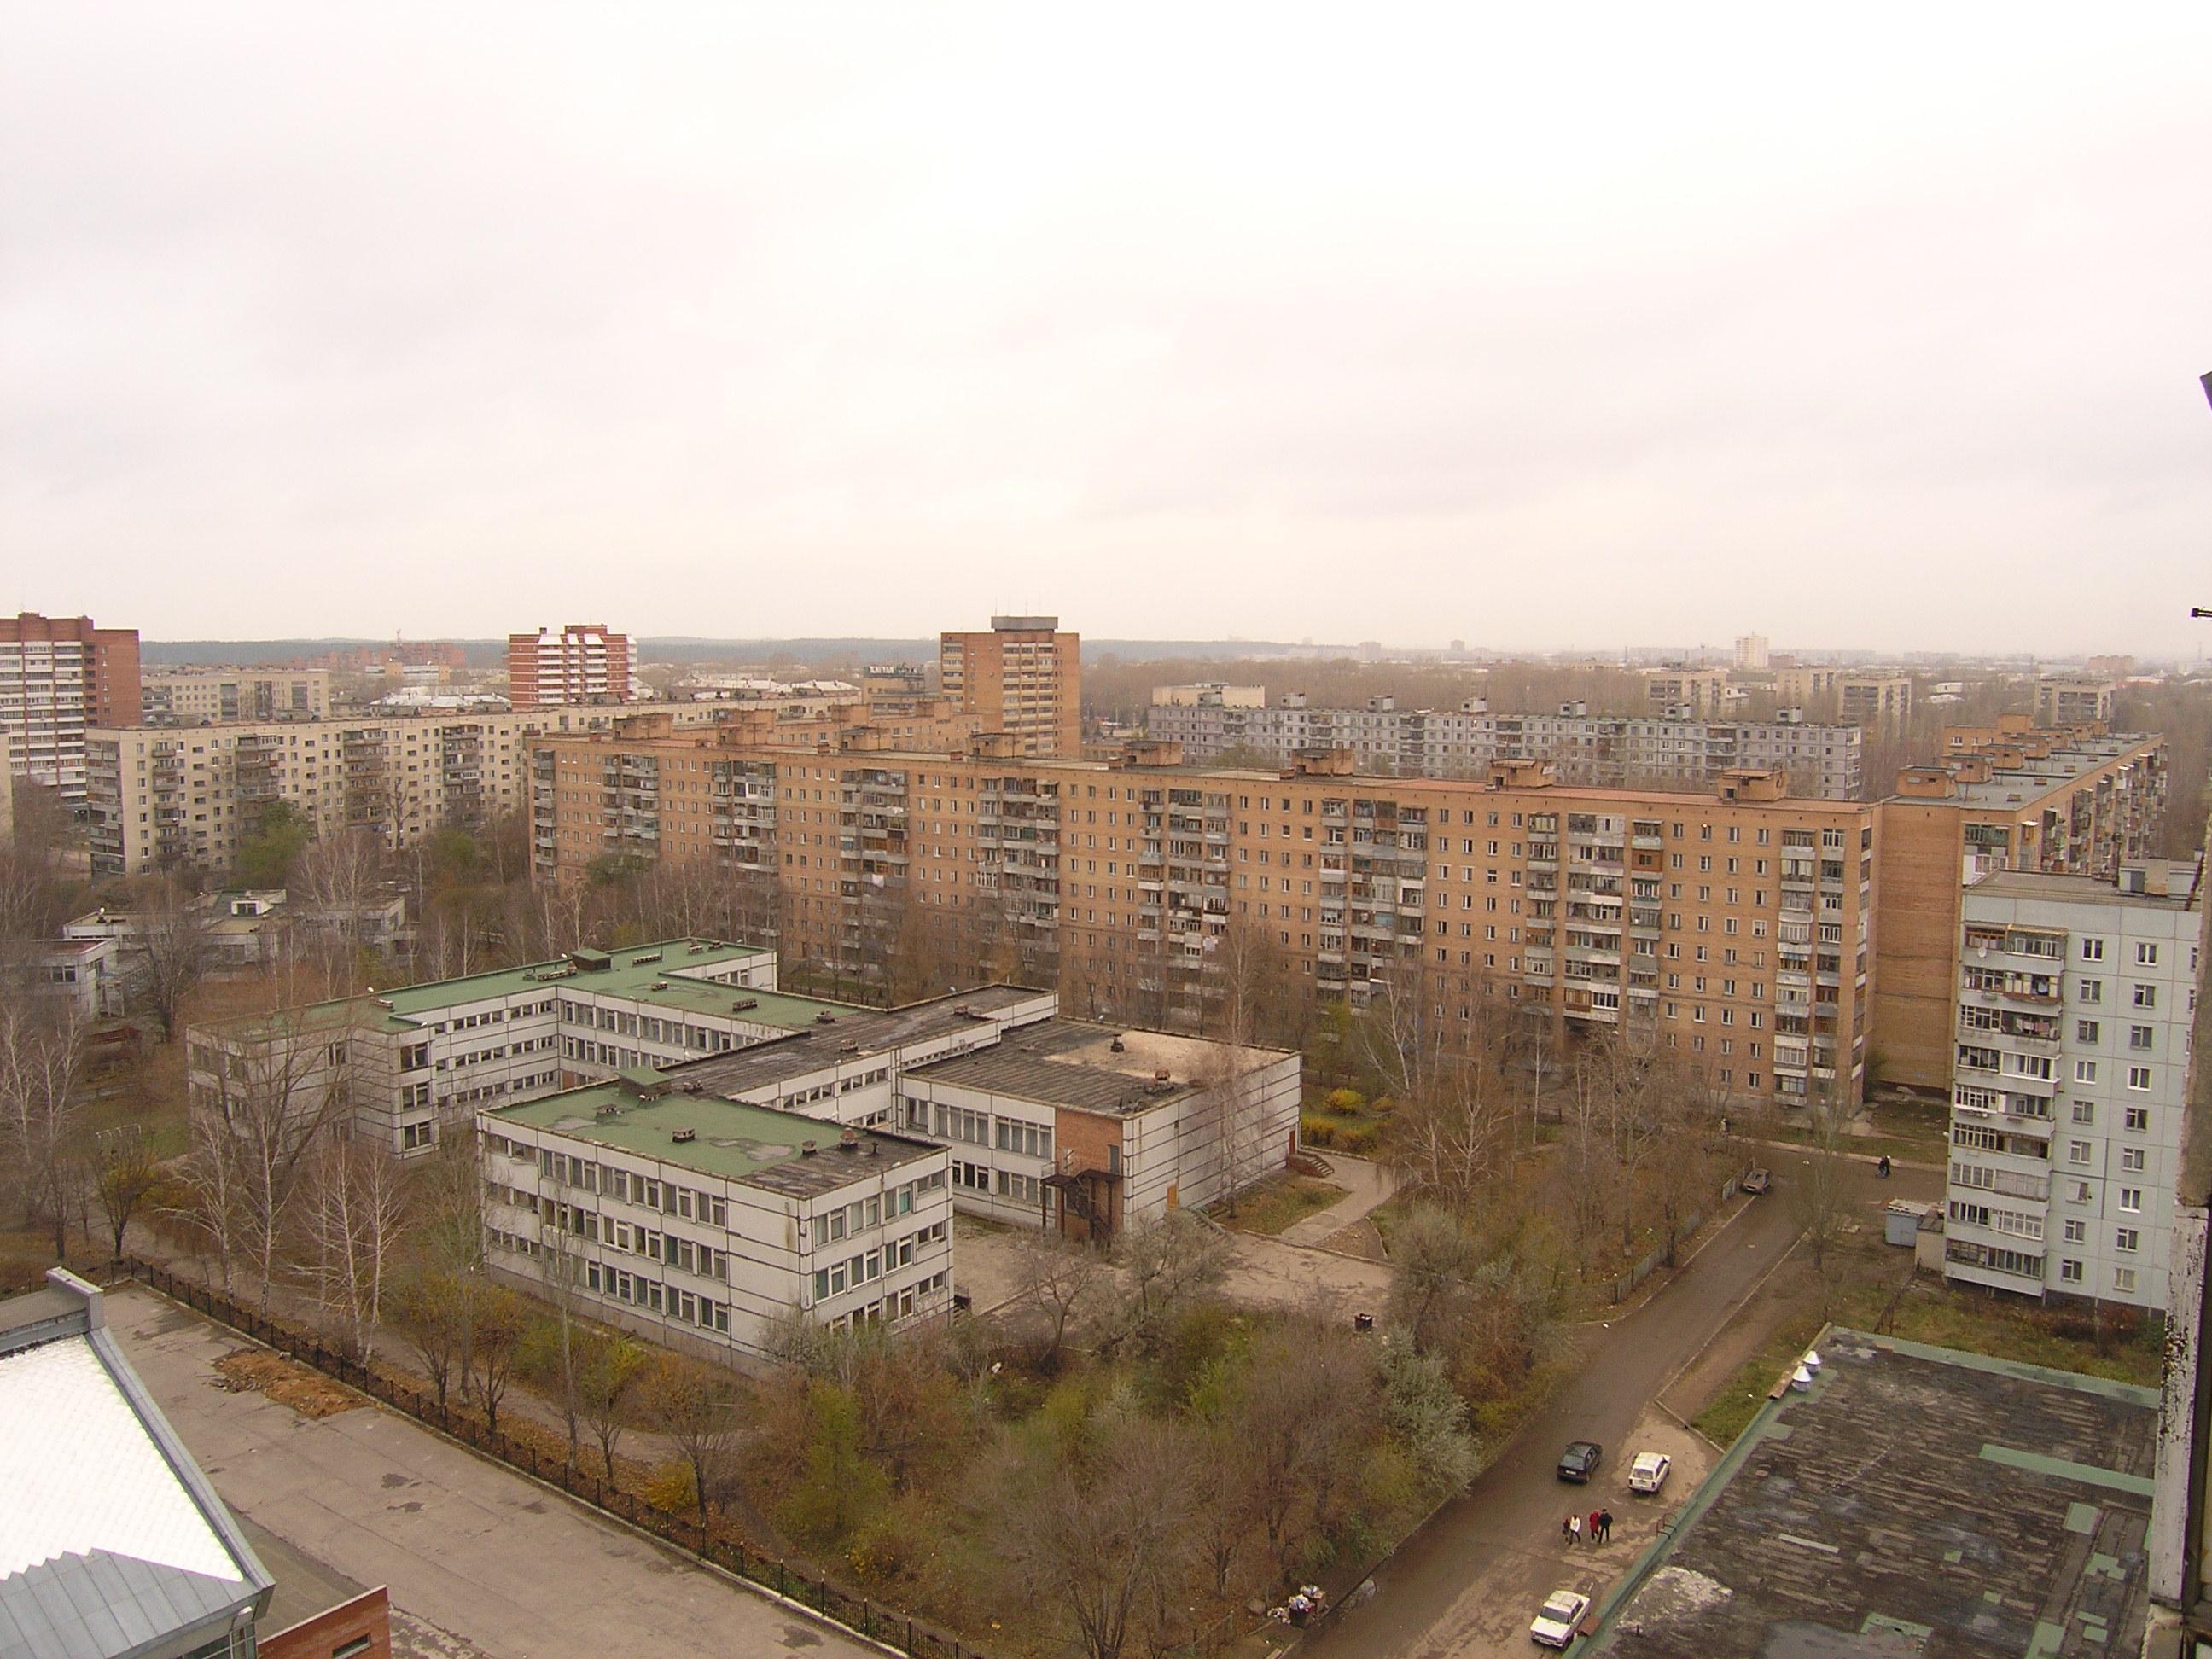 Togliatti Russia  city images : Описание 71 kvartal, Togliatti, Russia